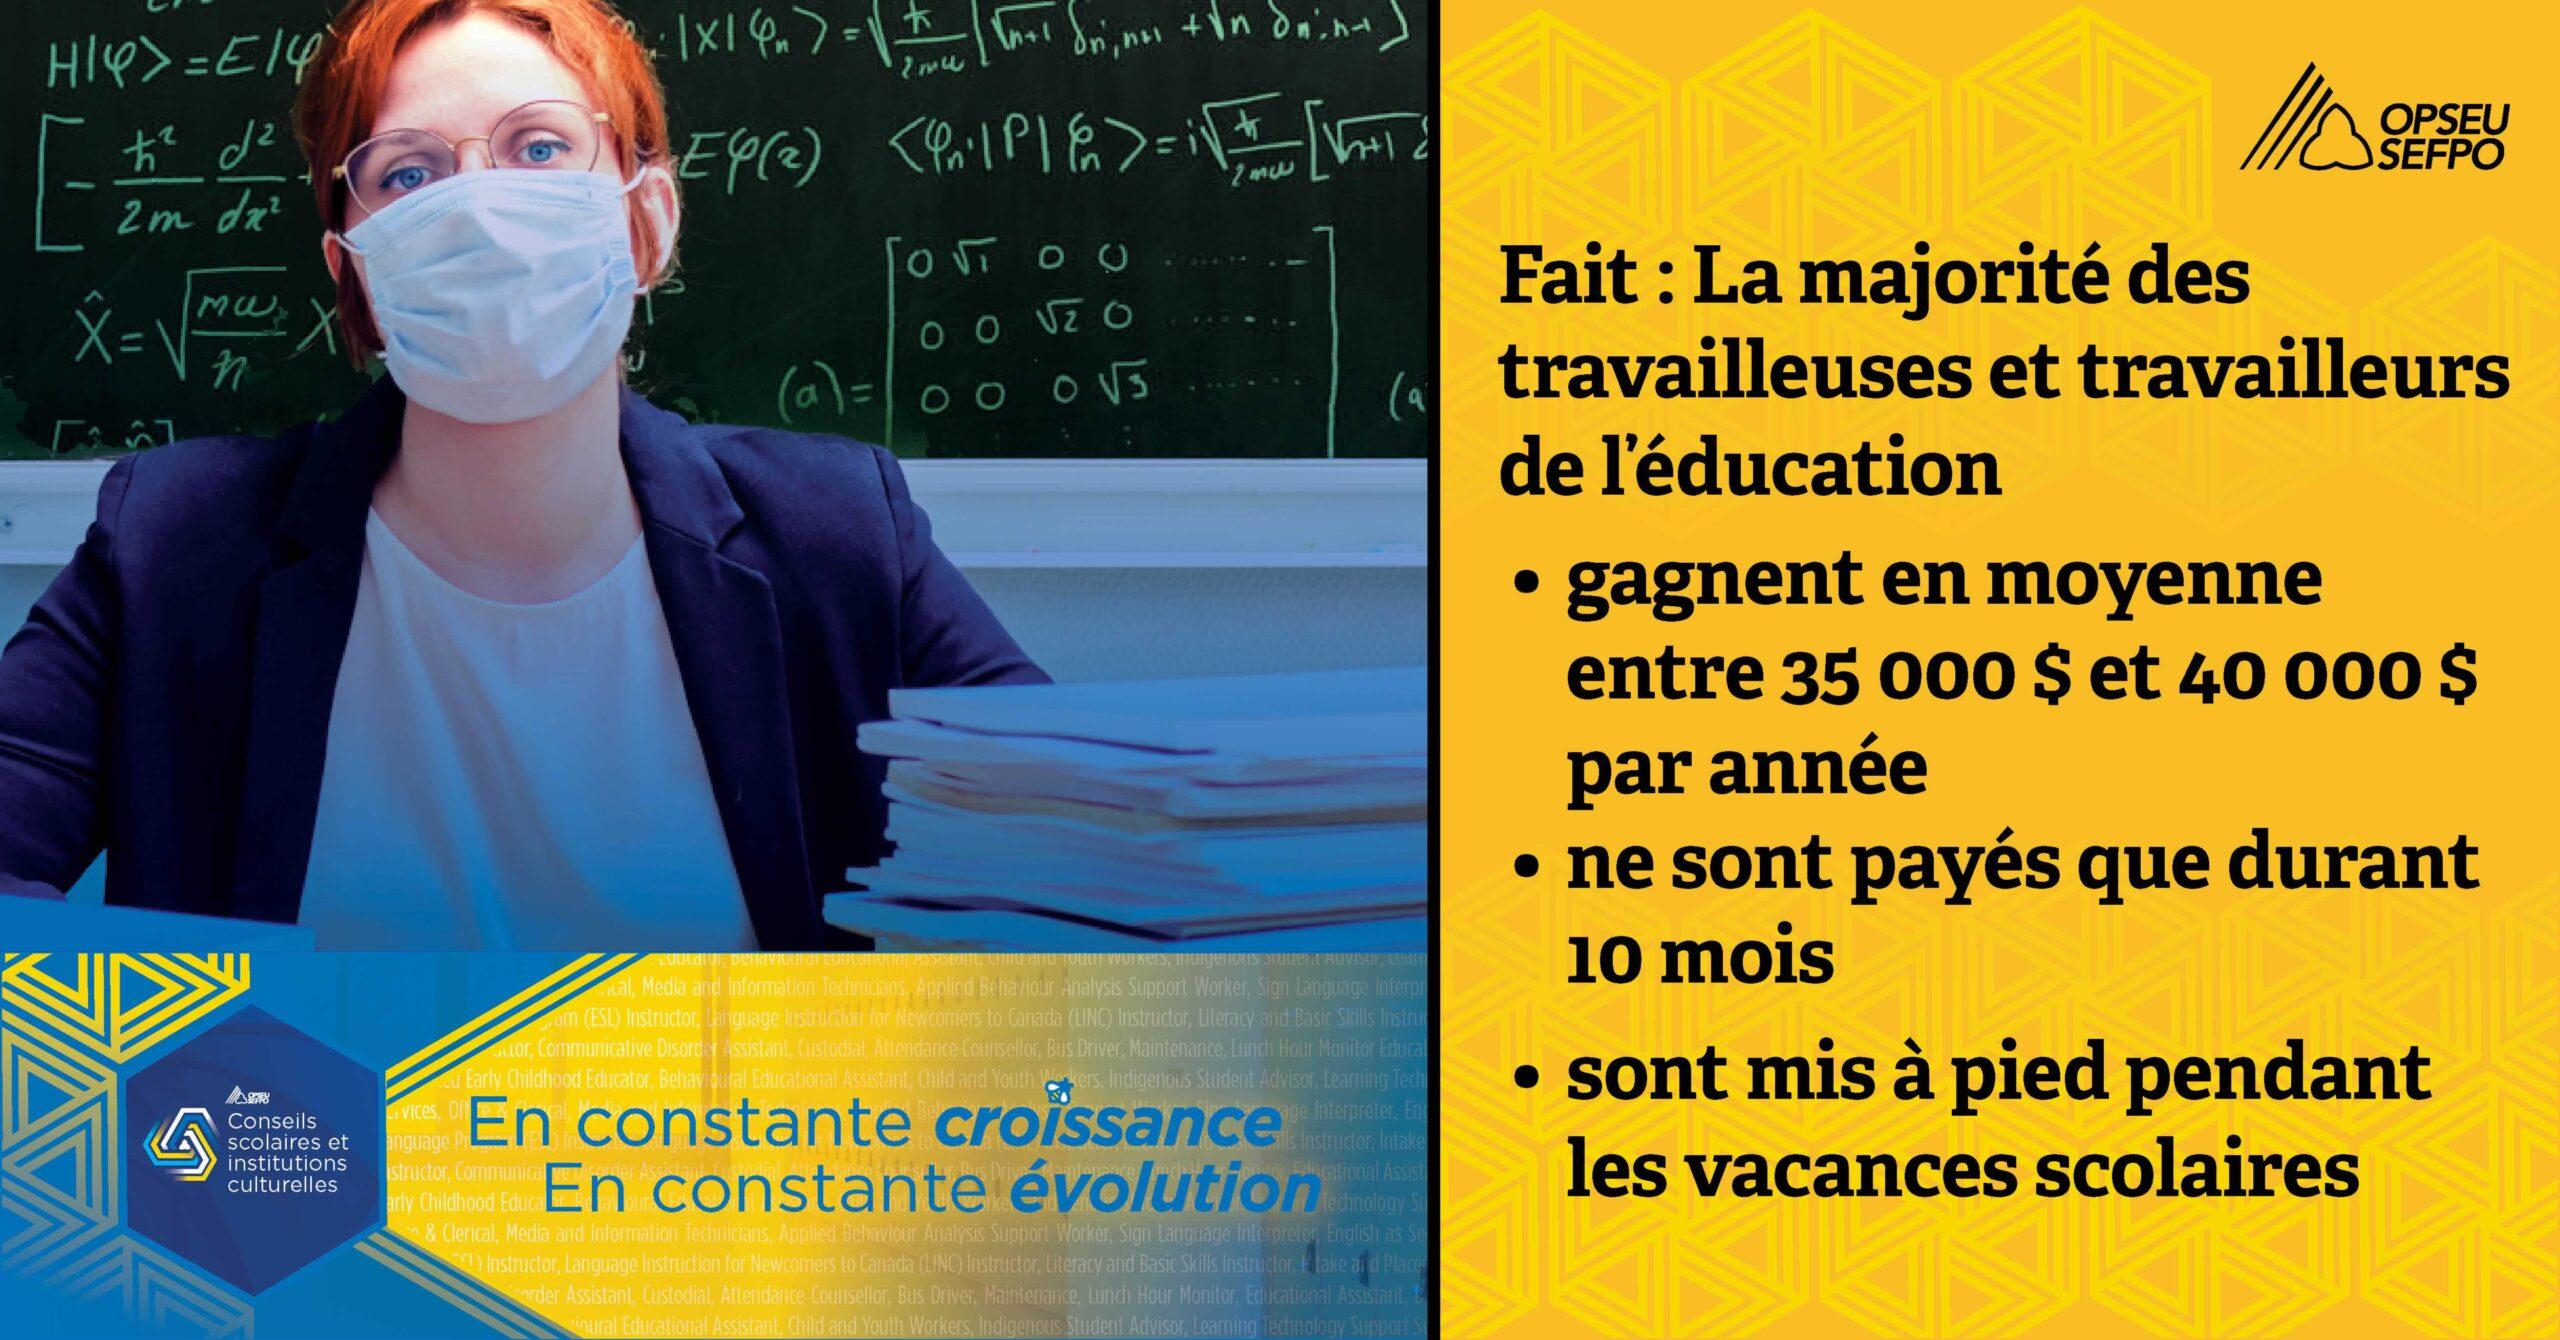 FAIT : La majorité des travailleuses et travailleurs de l'éducation, gagnent en moyenne entre 35 000 $ et 40 000 $ par année, ne sont payés que durant 10 mois, sont mis à pied pendant les vacances scolaires